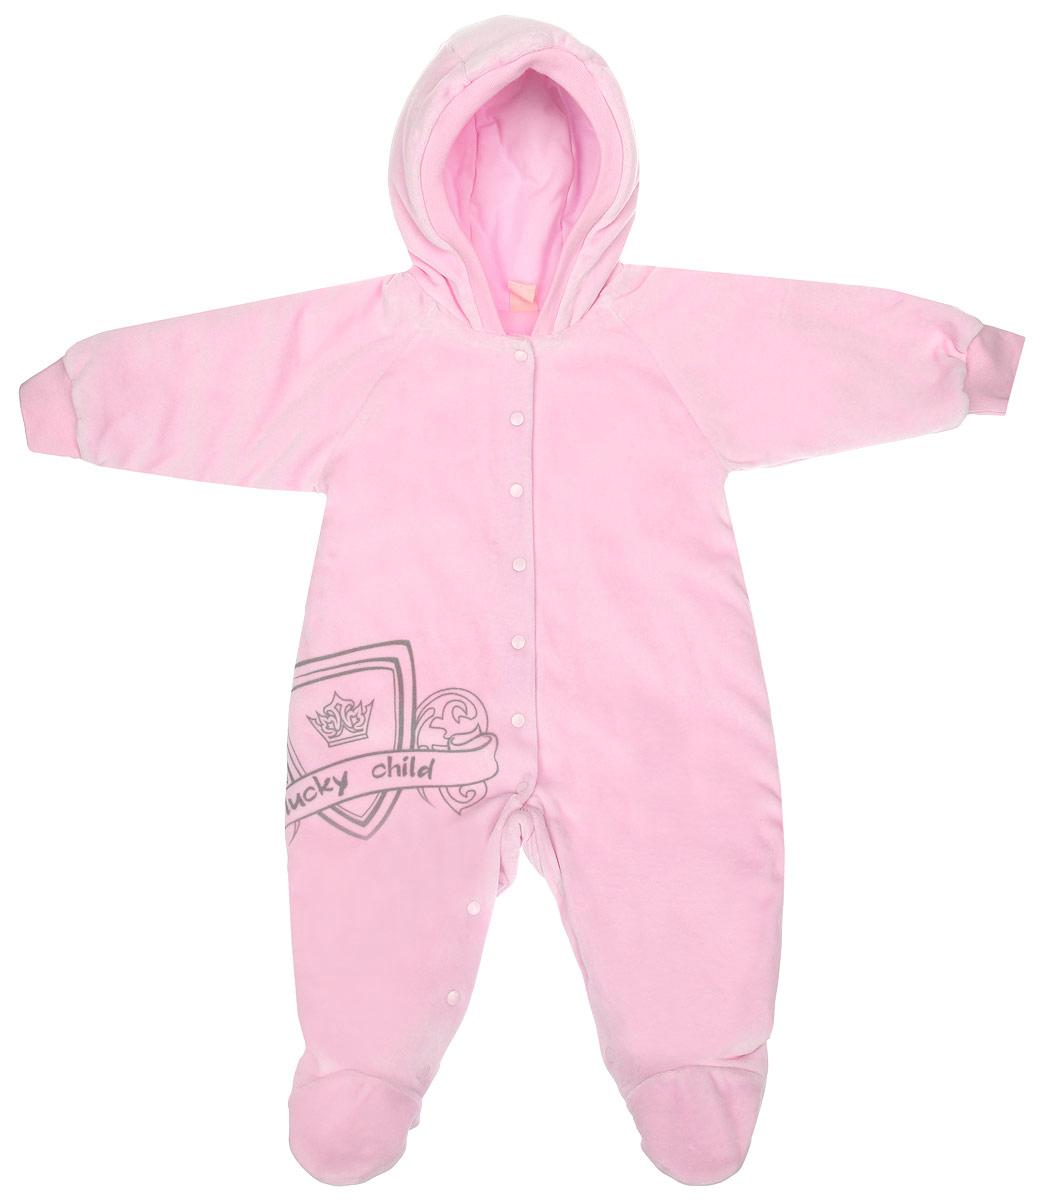 Комбинезон детский Lucky Child, цвет: светло-розовый. 5-1. Размер 80/865-1Детский комбинезон Lucky Child - очень удобный и практичный вид одежды для малышей. Комбинезон выполнен из велюра на подкладке из натурального хлопка, благодаря чему он необычайно мягкий и приятный на ощупь, не раздражают нежную кожу ребенка и хорошо вентилируются, а эластичные швы приятны телу младенца и не препятствуют его движениям. В качестве утеплителя используется синтепон. Комбинезон с капюшоном, длинными рукавами-реглан и закрытыми ножками по центру застегивается на металлические застежки-кнопки, также имеются застежки-кнопки на ластовице, что помогает с легкостью переодеть младенца или сменить подгузник. Капюшон по краю дополнен широкой трикотажной резинкой. Рукава понизу дополнены широкими эластичными манжетами, которые мягко обхватывают запястья. Спереди изделие оформлено оригинальным принтом в виде логотипа бренда. С детским комбинезоном Lucky Child спинка и ножки вашего малыша всегда будут в тепле. Комбинезон полностью соответствует особенностям жизни младенца в ранний период, не стесняя и не ограничивая его в движениях!